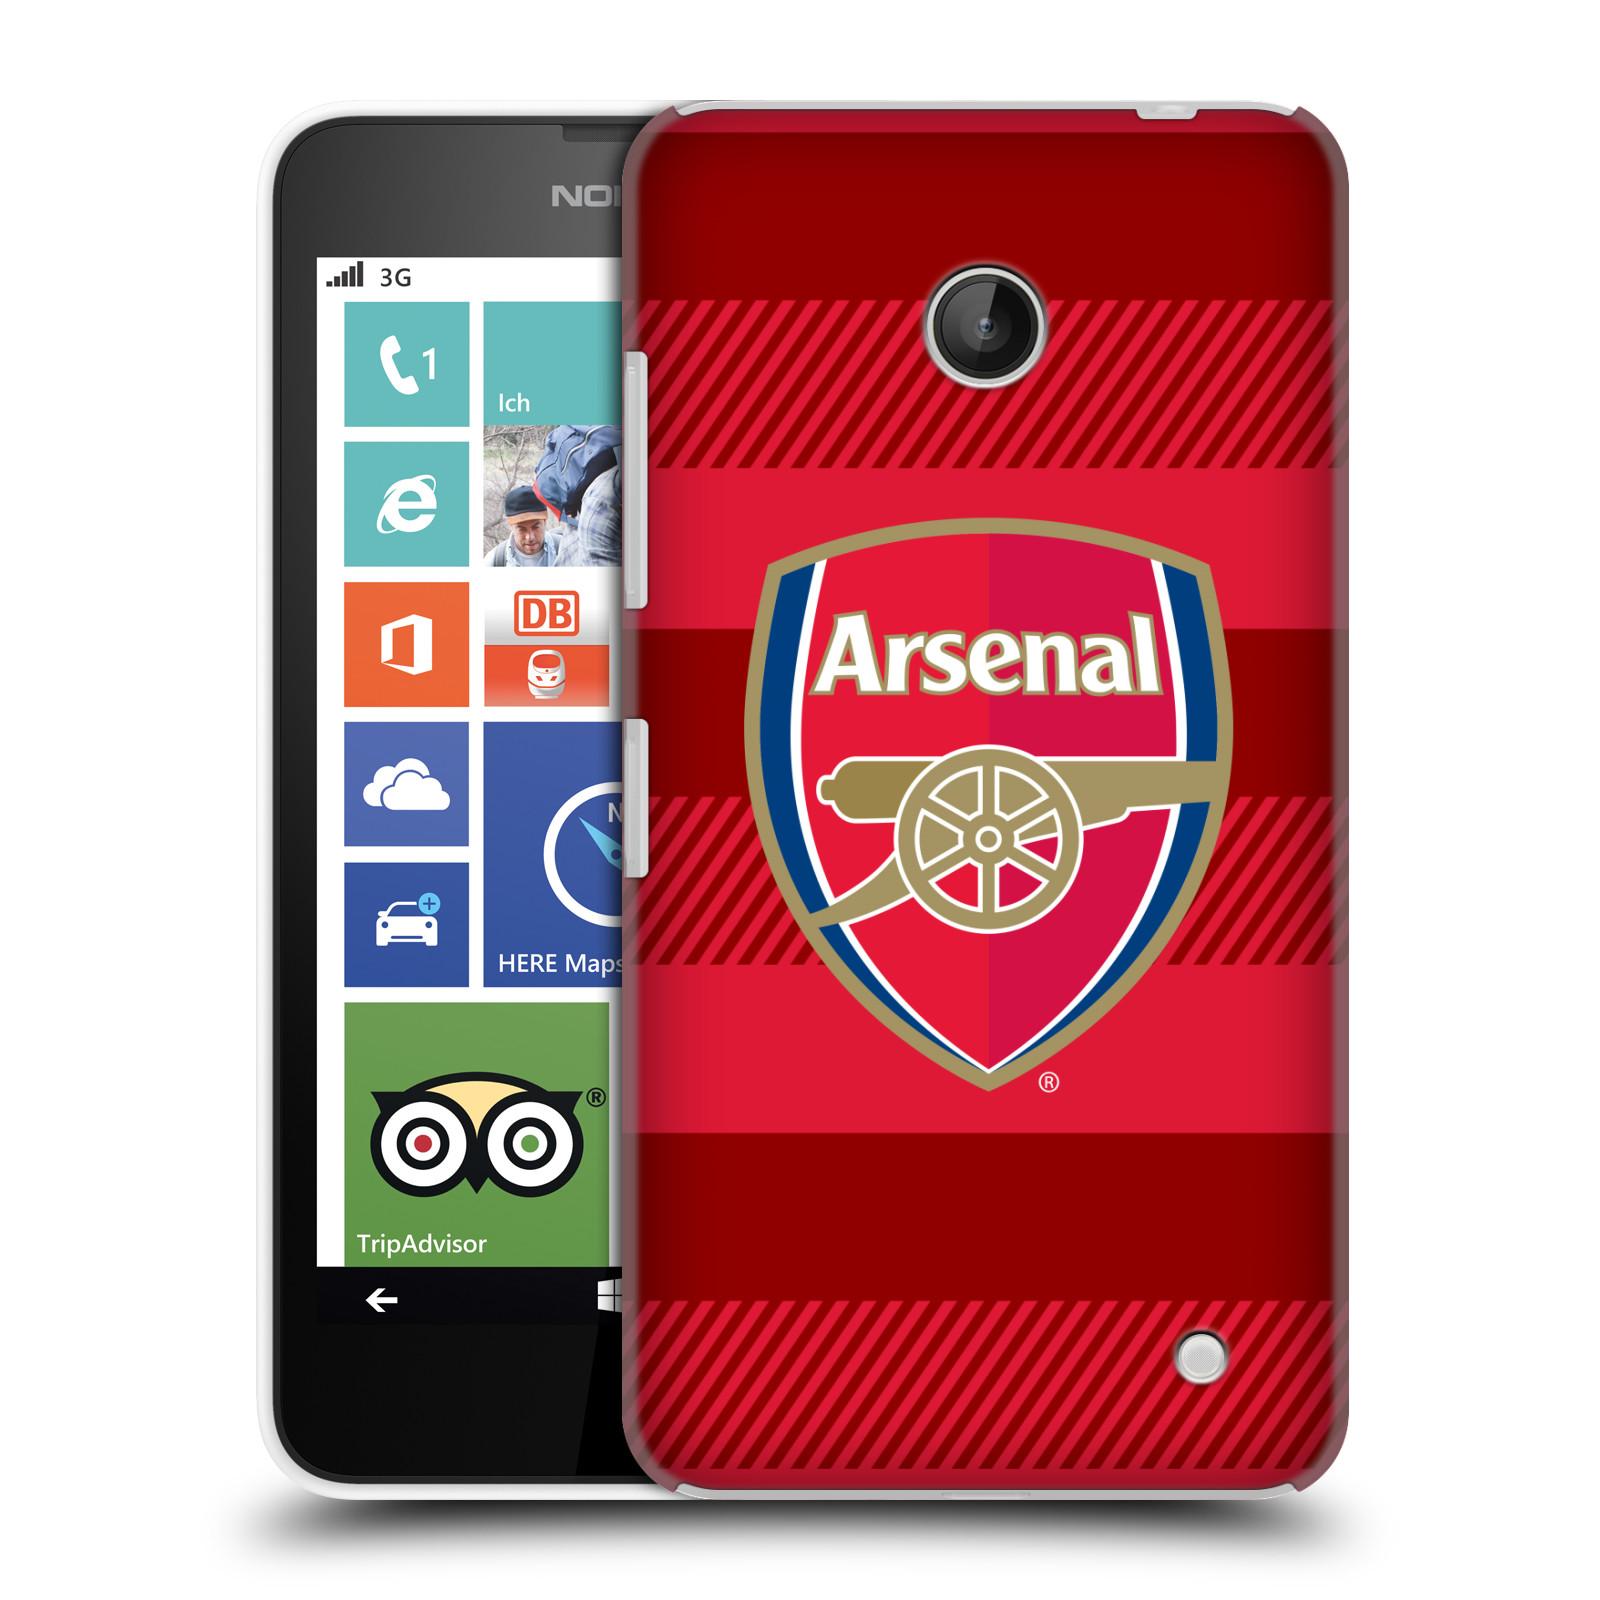 Plastové pouzdro na mobil Nokia Lumia 630 - Head Case - Arsenal FC - Logo s pruhy